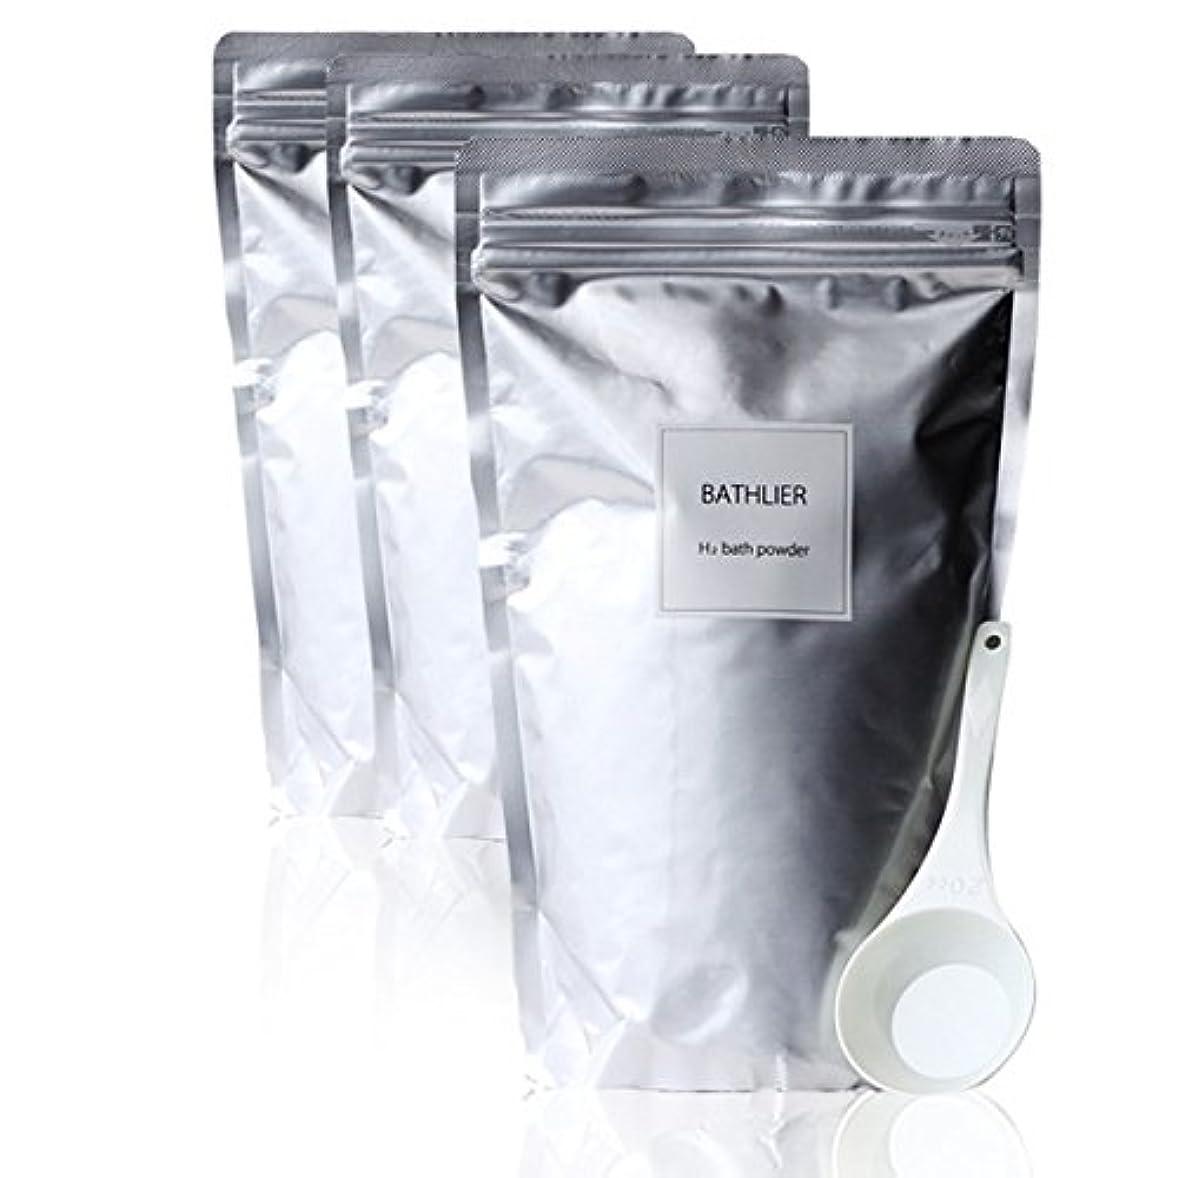 インカ帝国改革目の前の入浴剤 水素「BATHLIER H2 bath powder」RDモイストバスパウダー(1kg×3個)セット